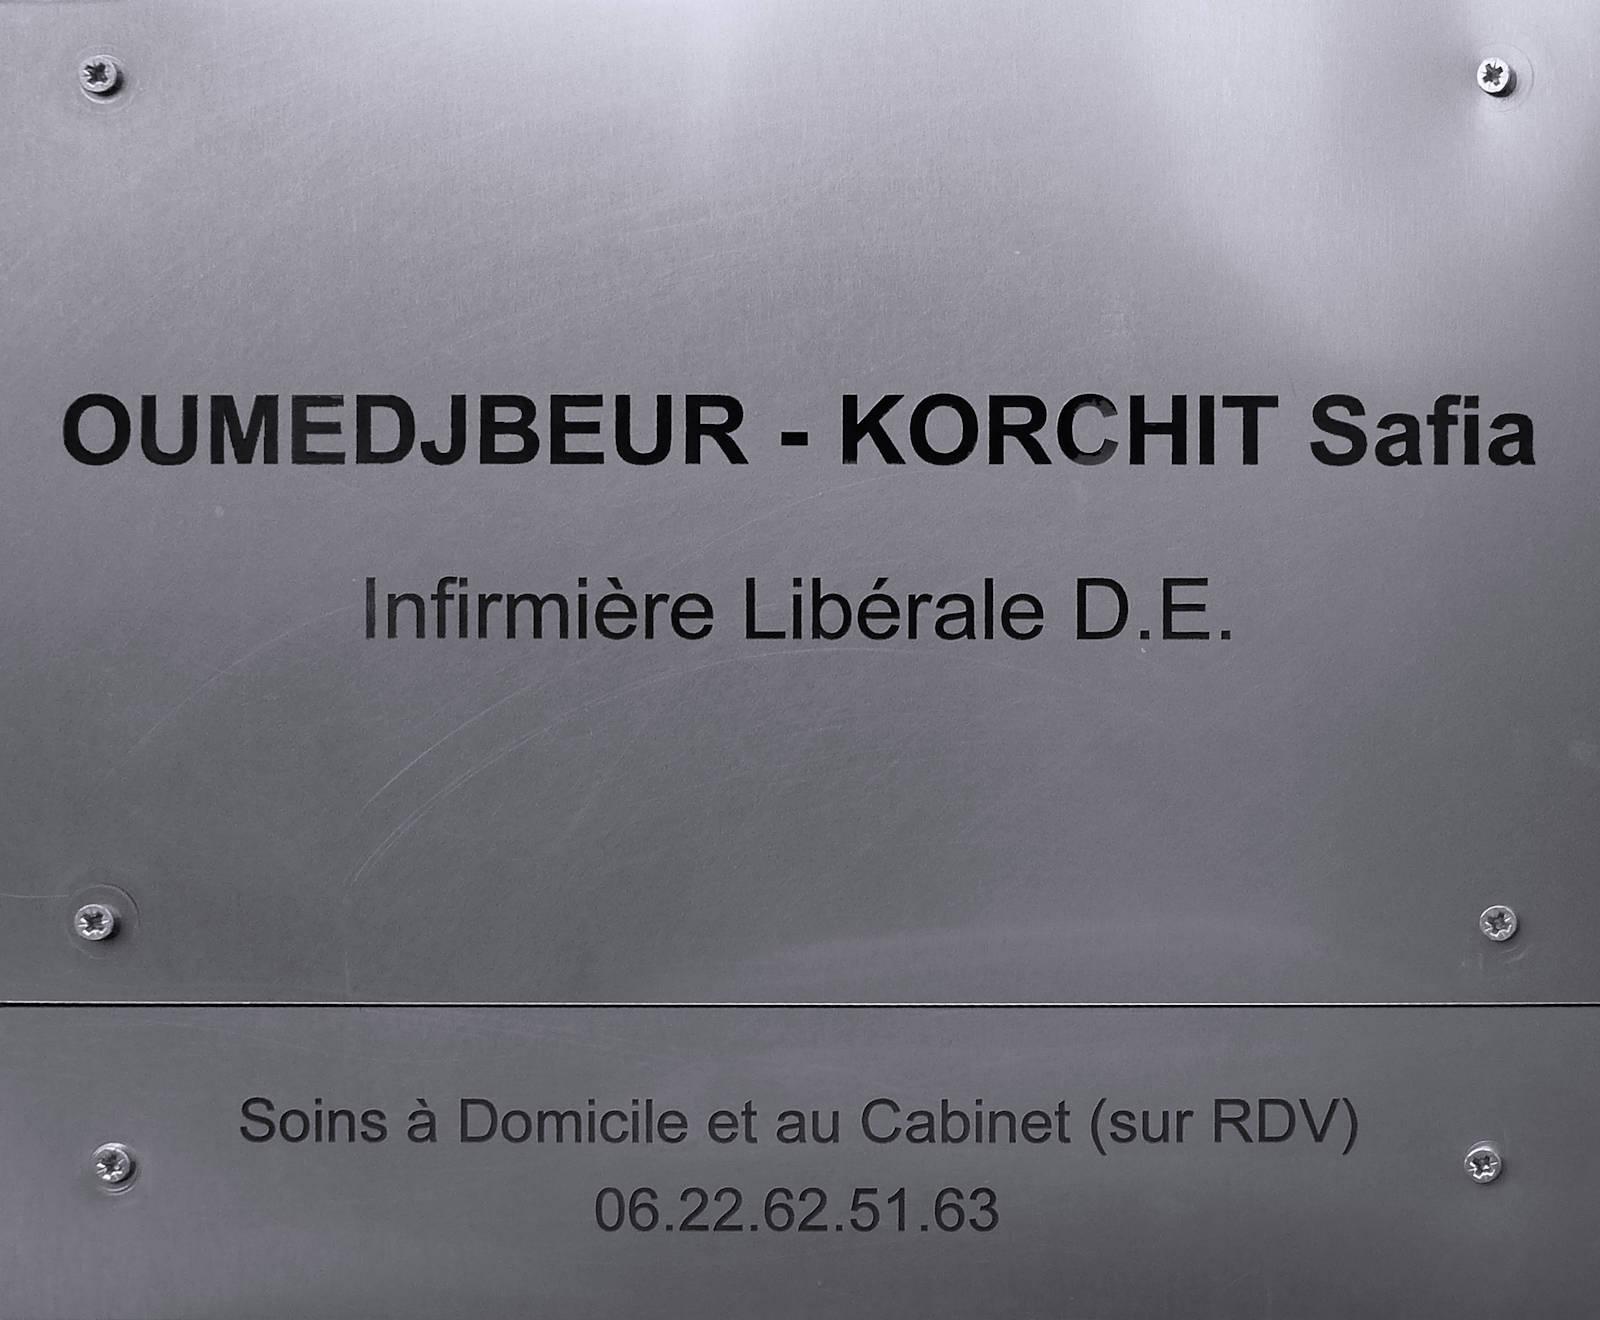 Infirmière Safia Oumedjbeur-Korchit, Tourcoing rue des Anges - Plaque.